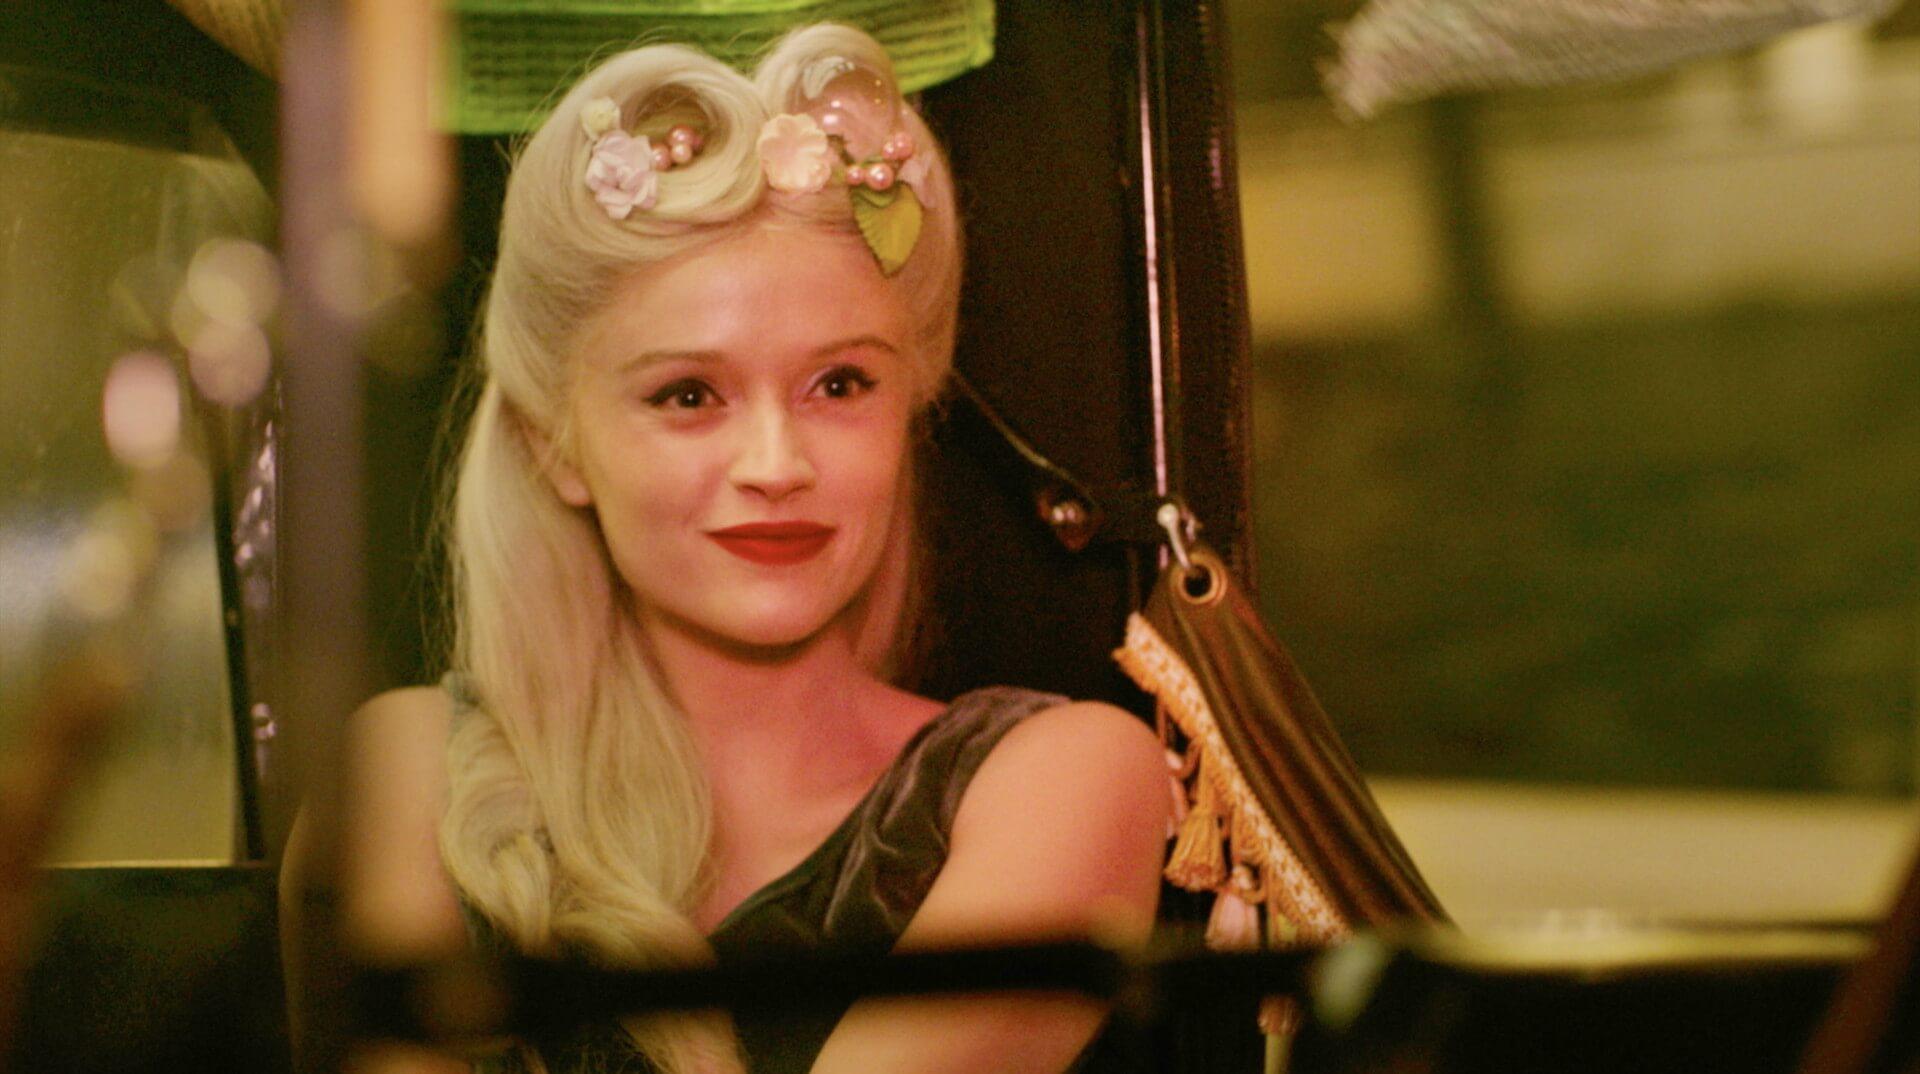 「私の歌を聞いた男は、恋に落ちて心臓が破裂する」パリを舞台に人魚のラブストーリーを描いた映画『マーメイド・イン・パリ』が2月公開 本編映像が解禁 film210113-mermaidinparis-6